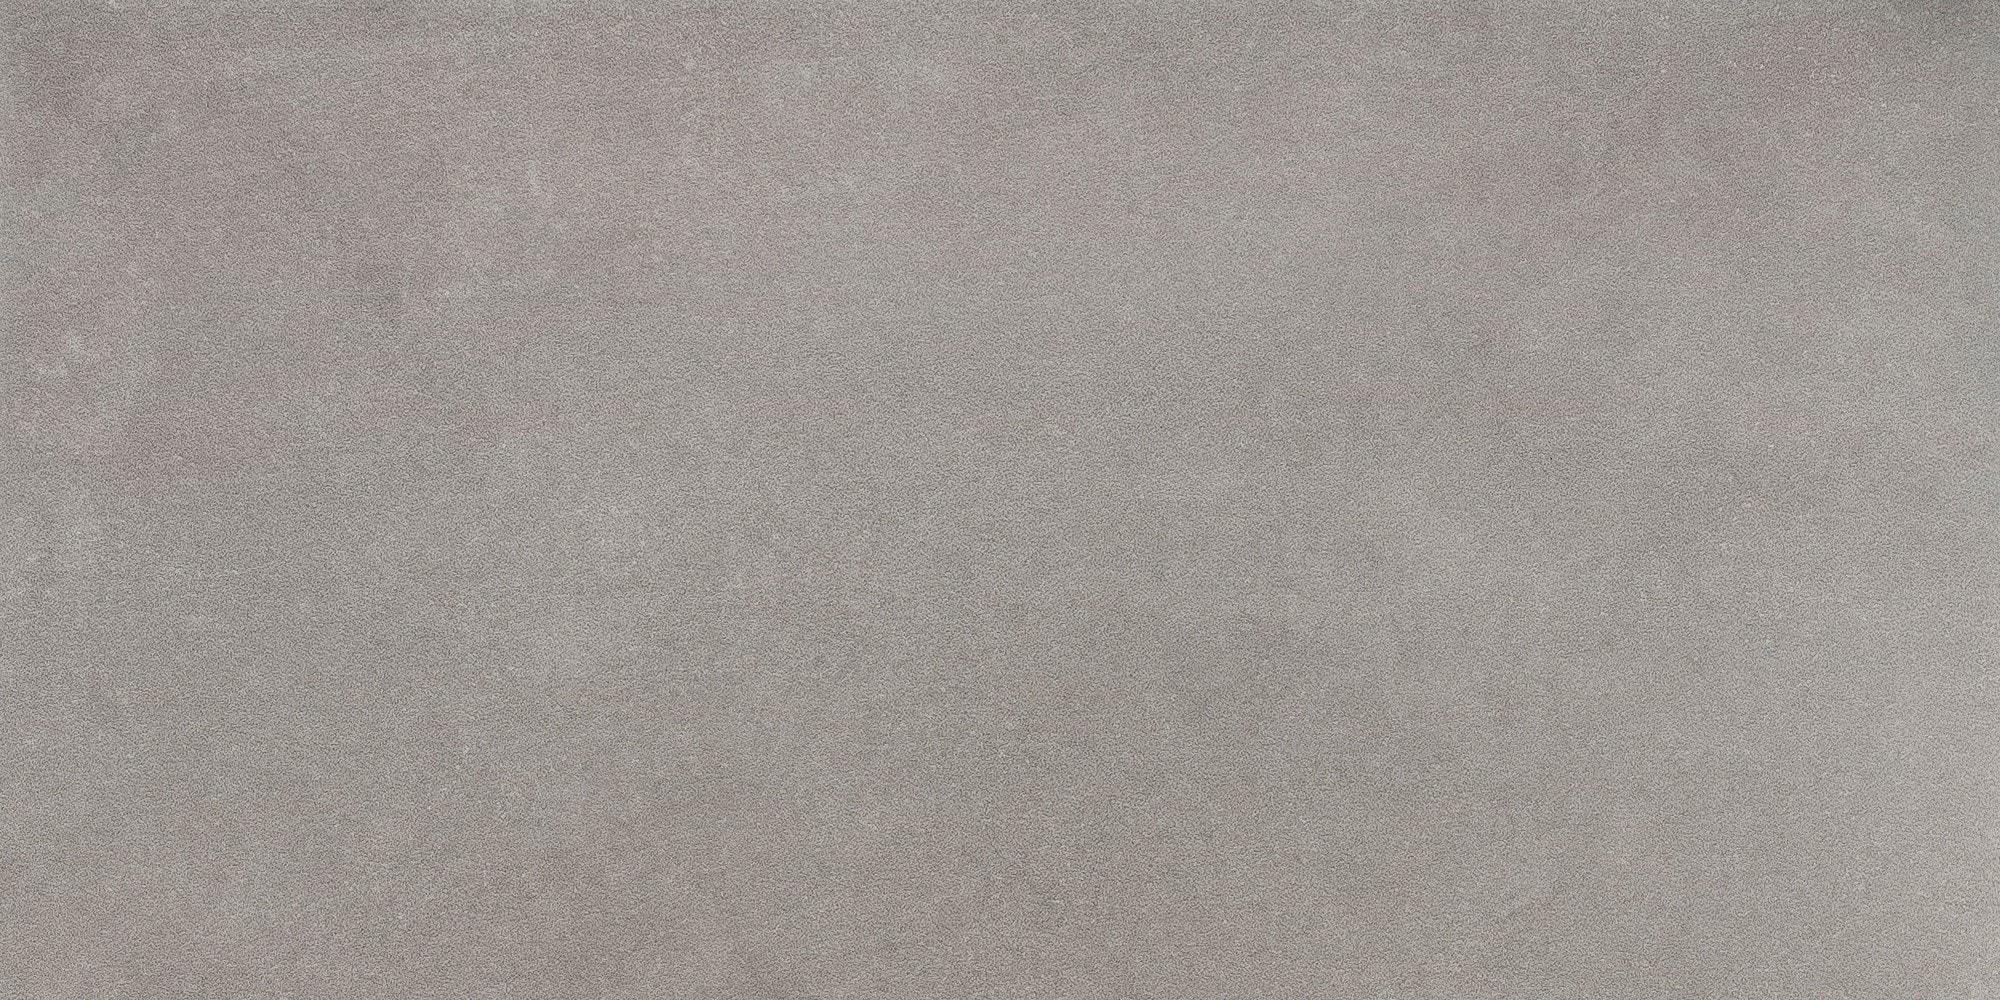 Płytka podłogowa Cerrad Tassero Gris 597x297x8,5mm 21212